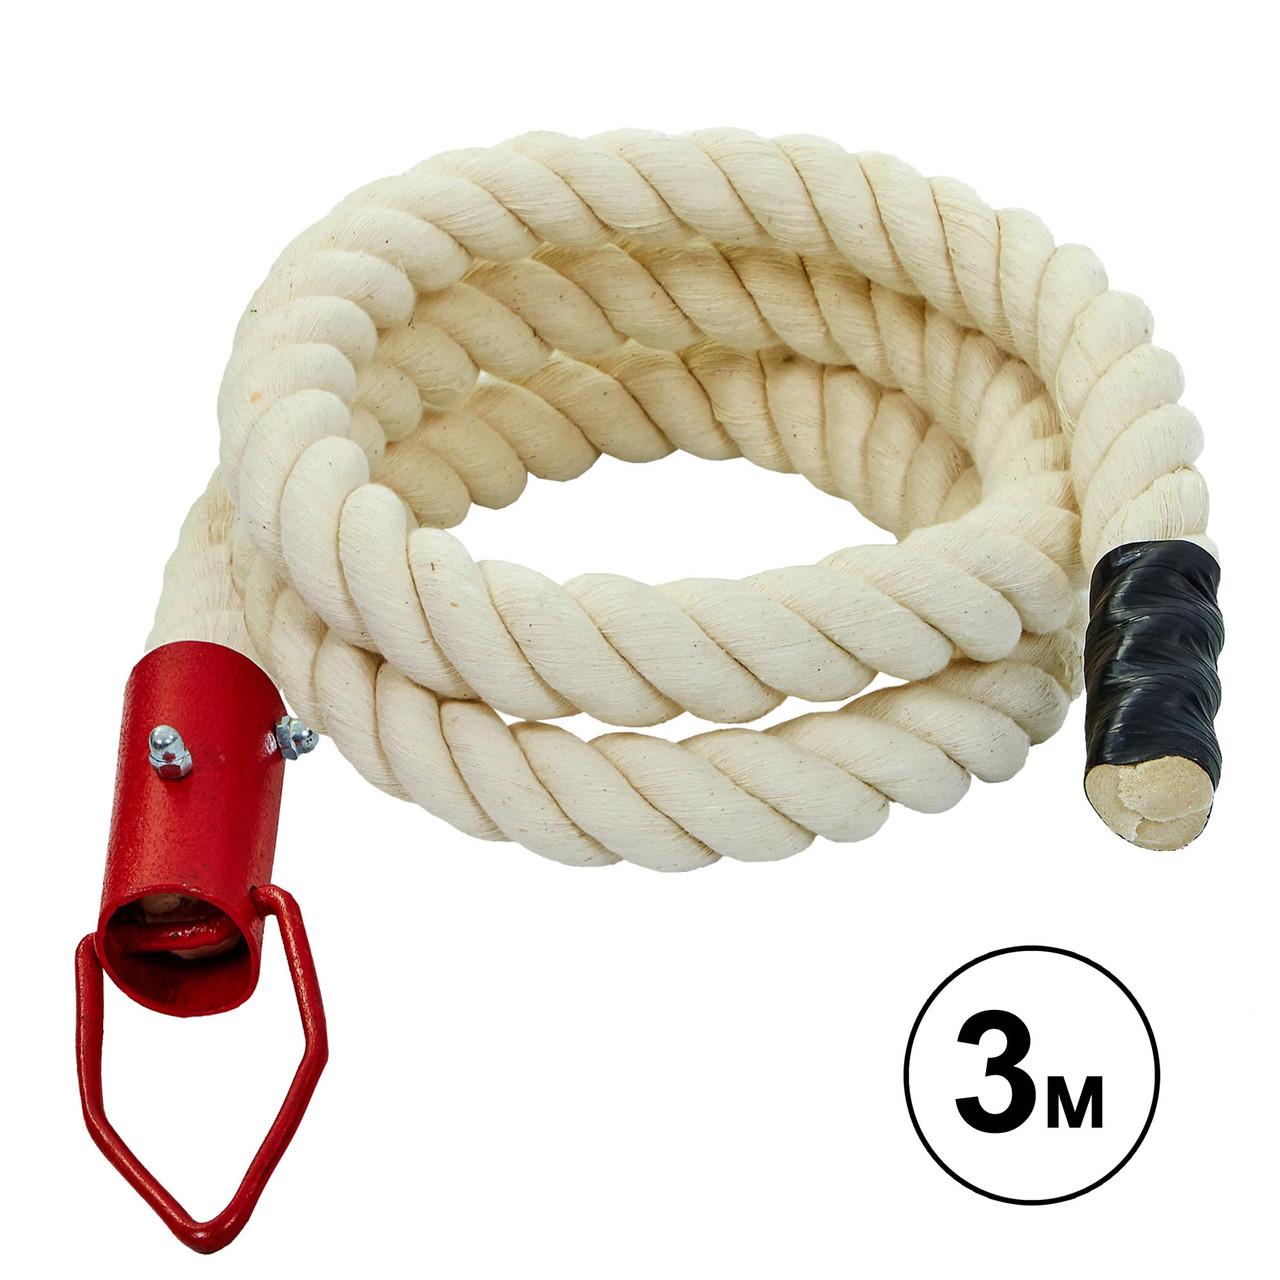 Канат спортивний для лазіння з кріпленням (3 м) SO-5298